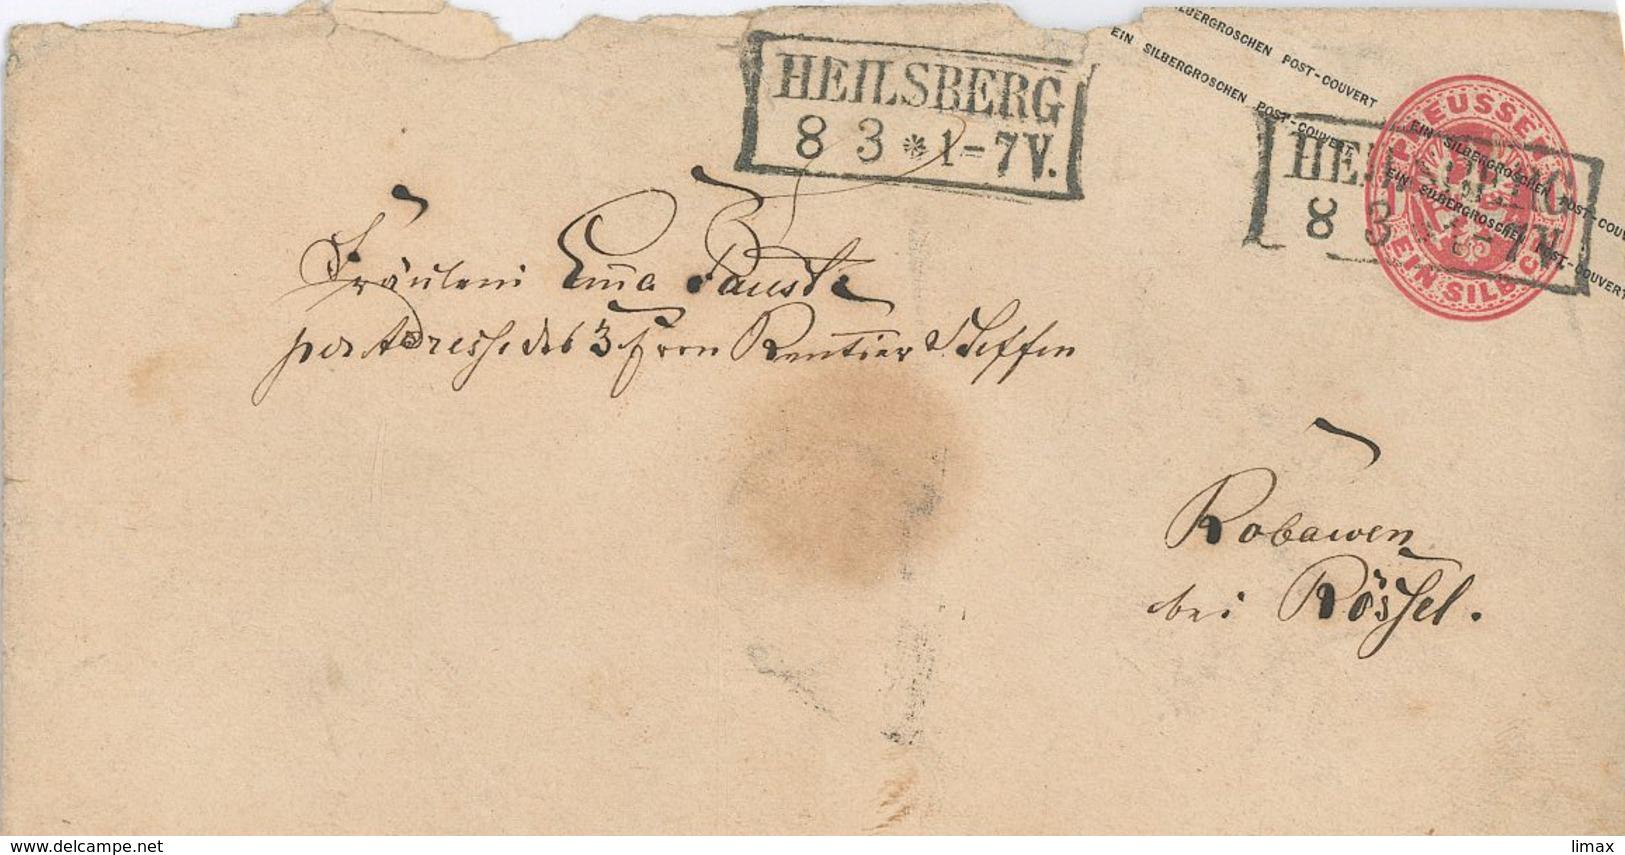 Ganzsache Entier Heilsberg - Prussia